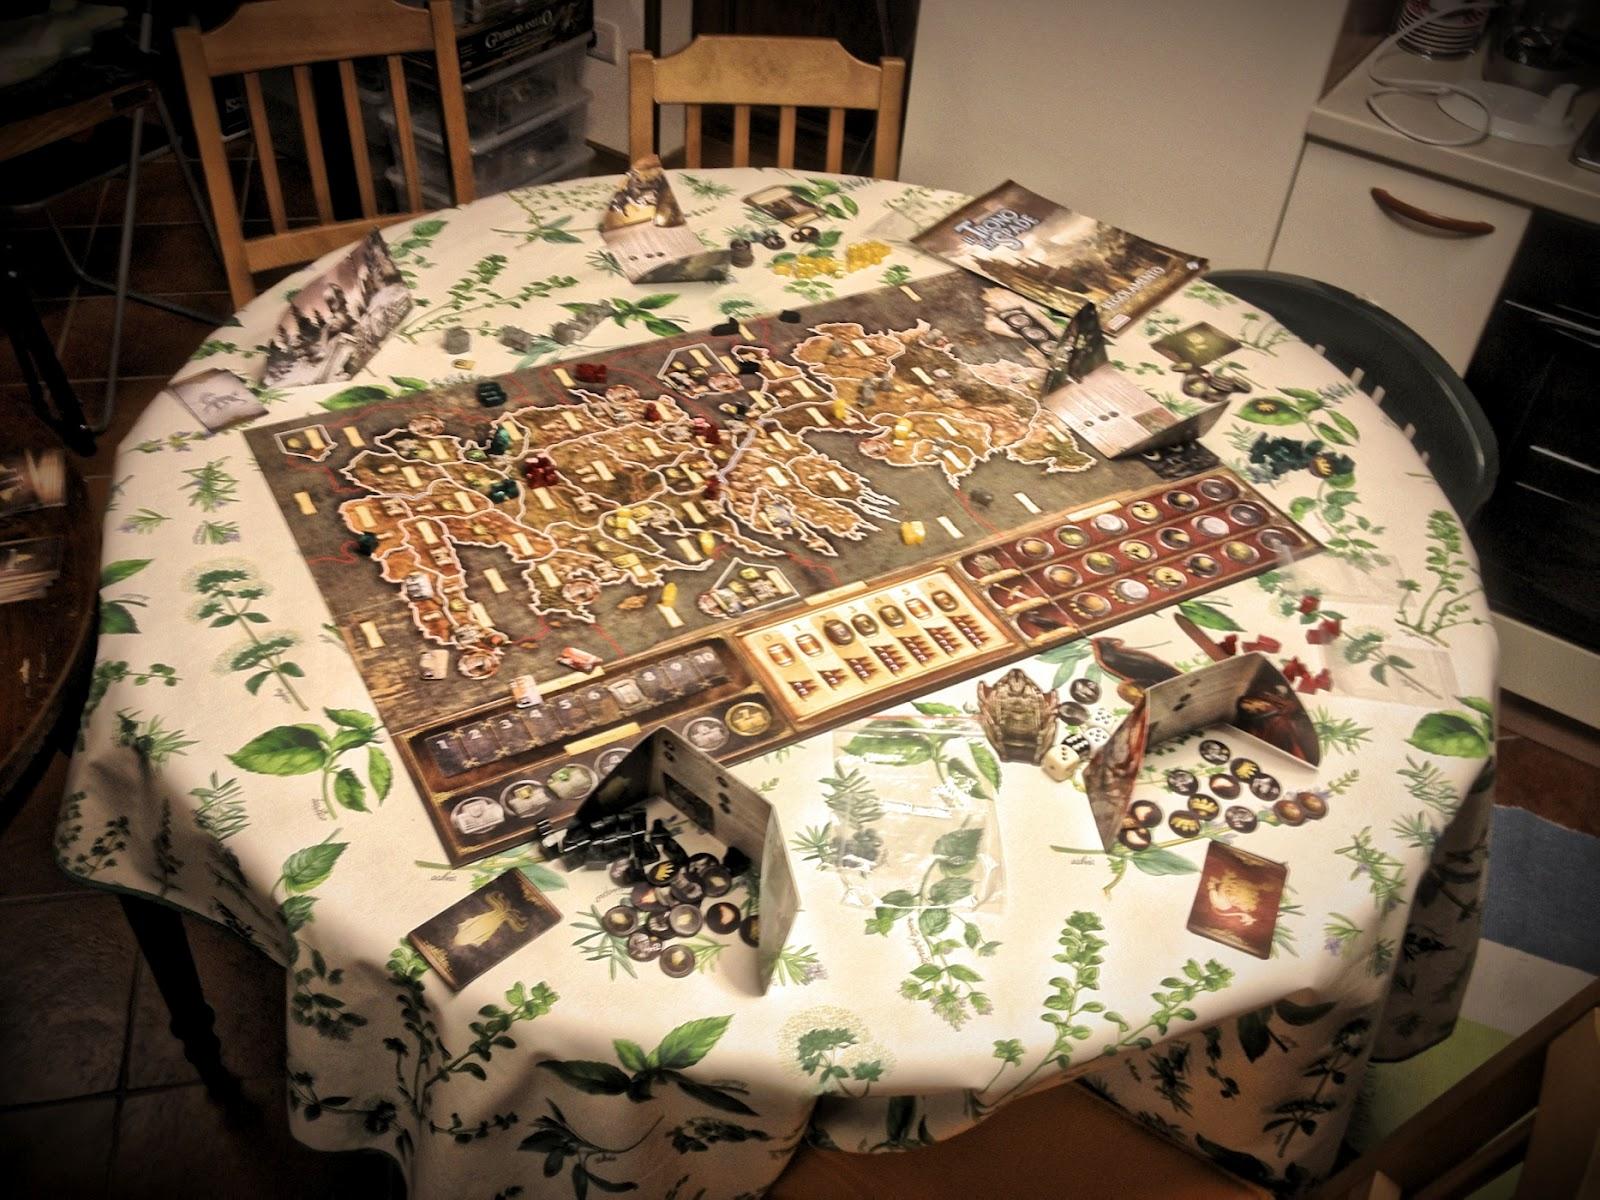 A che si gioca il trono di spade 1 - Trono di spade gioco da tavolo ...